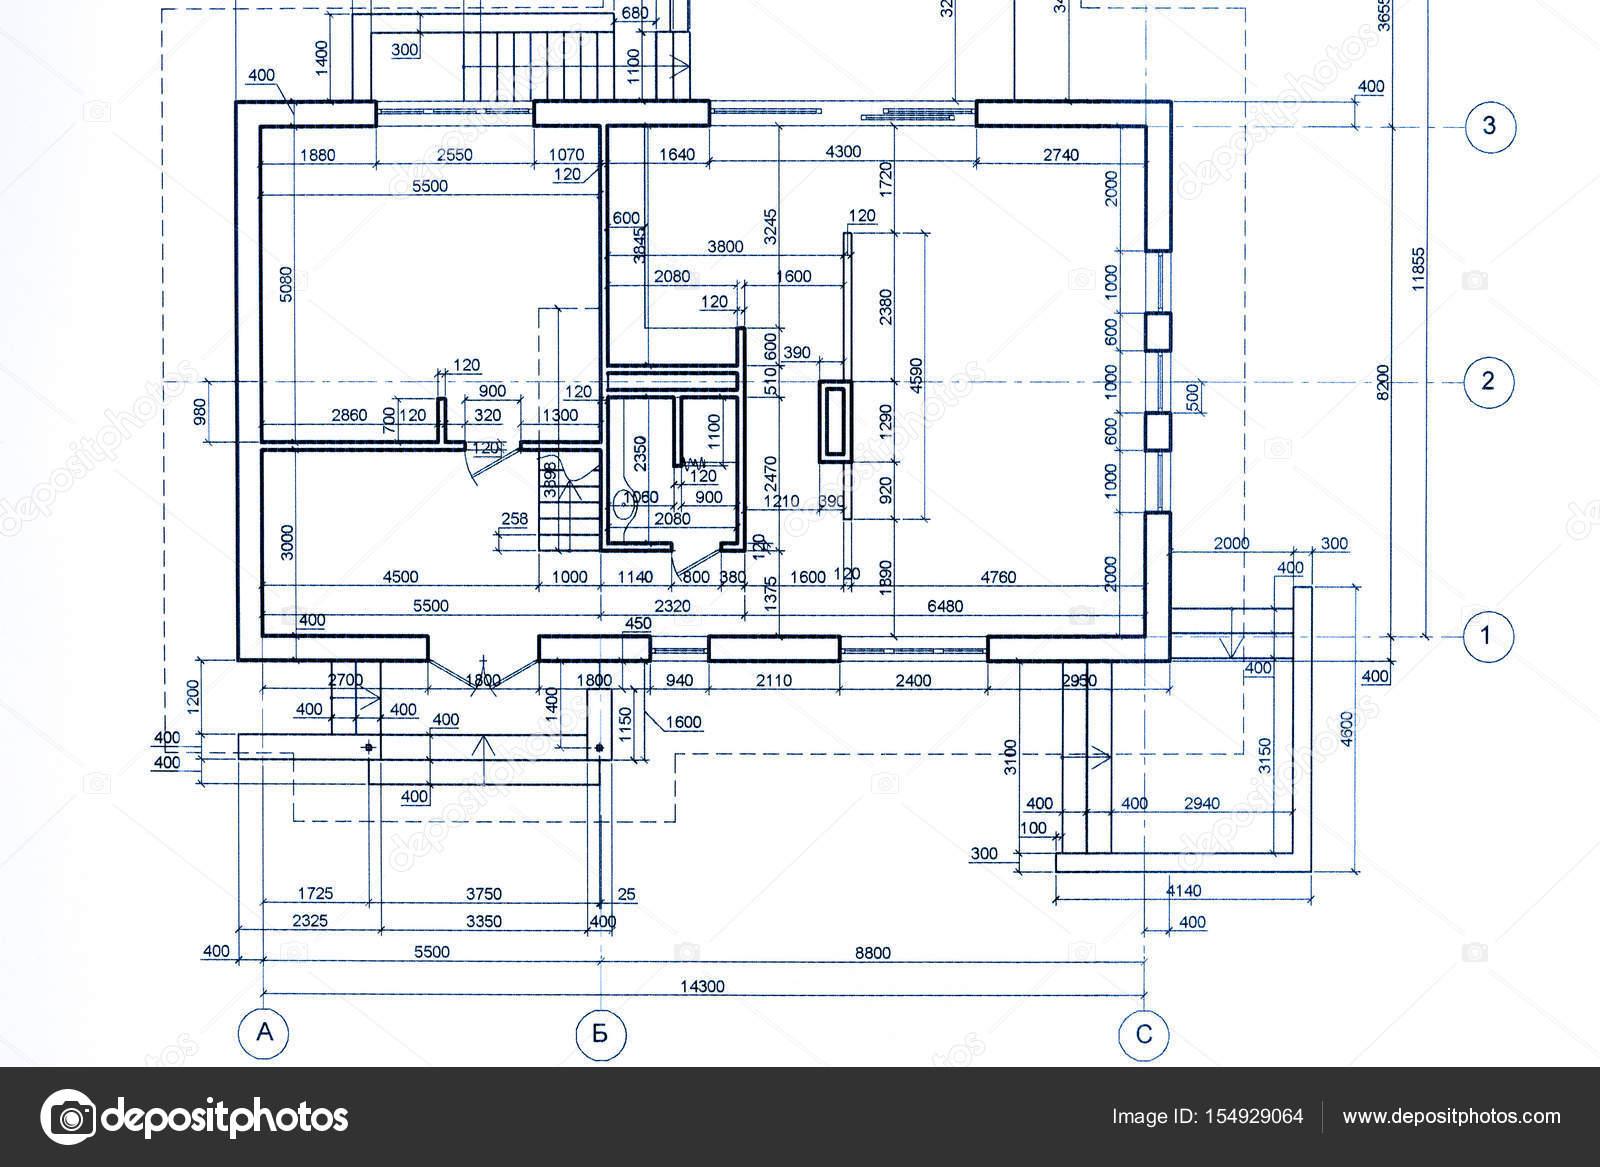 Modèle de plan de maison dessin technique partie du projet architectural image de